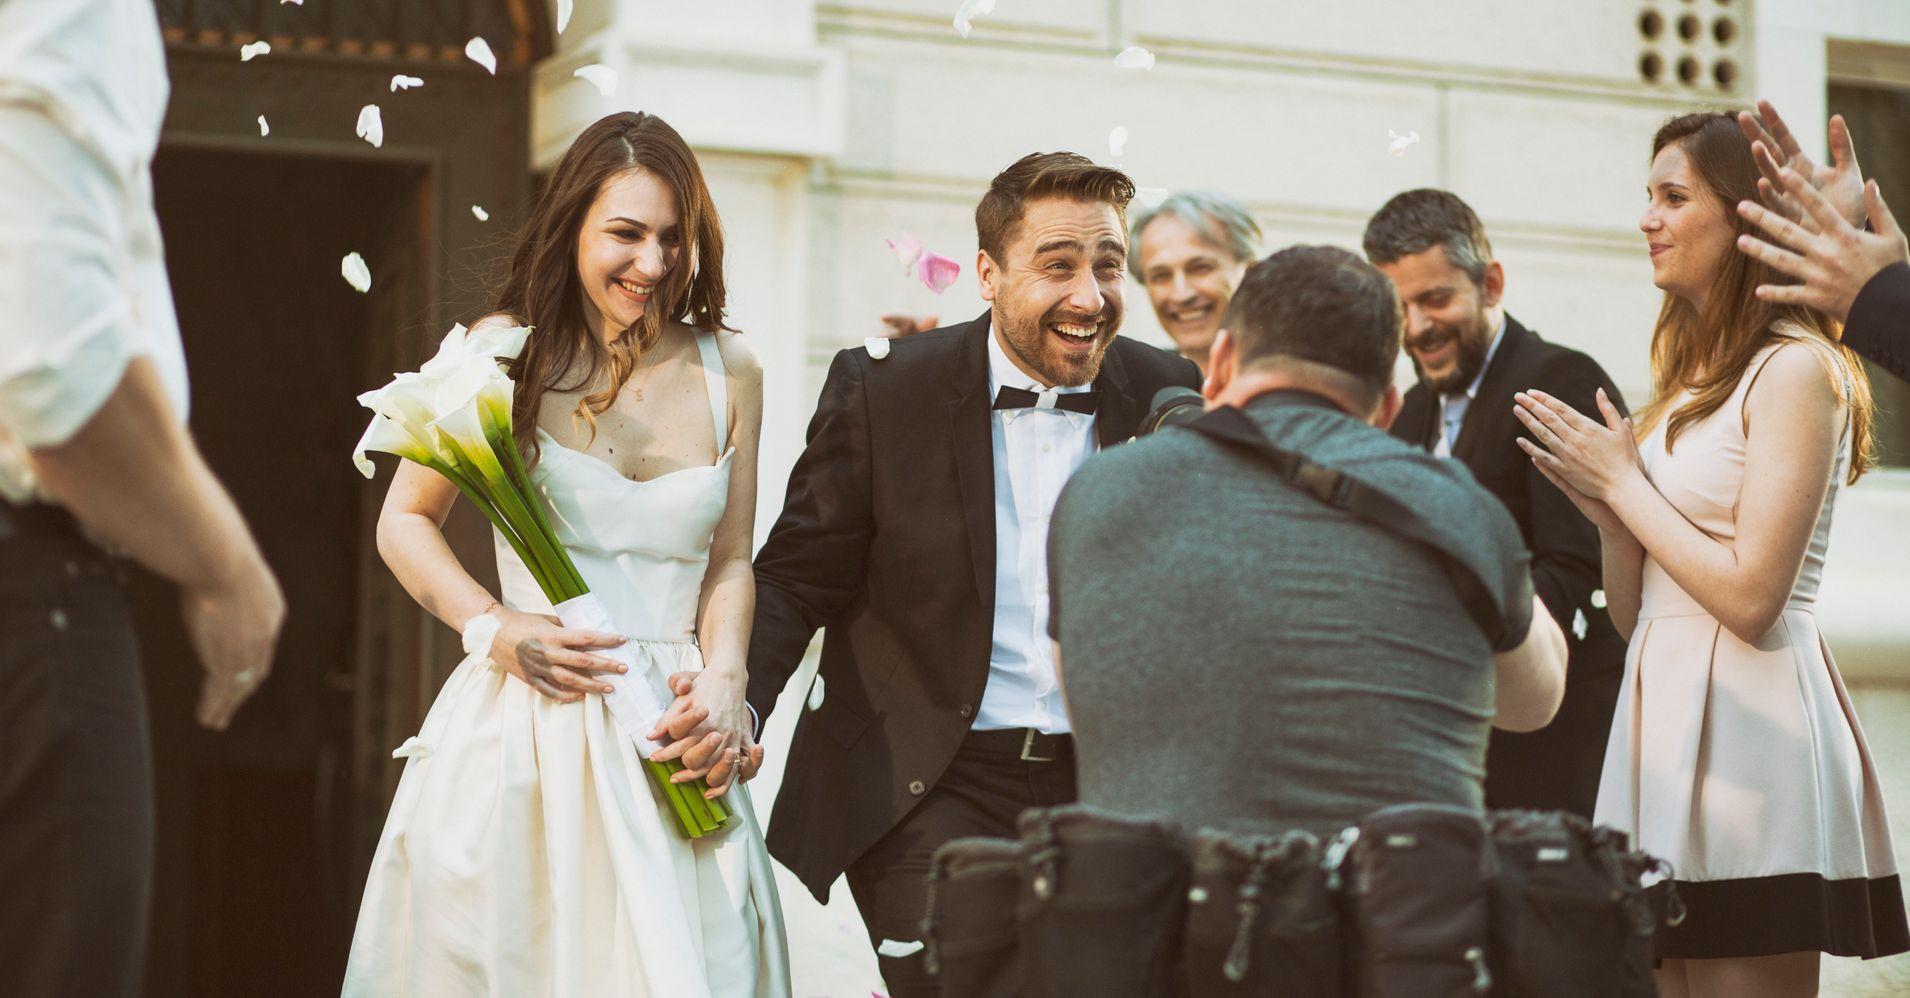 A look at Queen Victorias Wedding